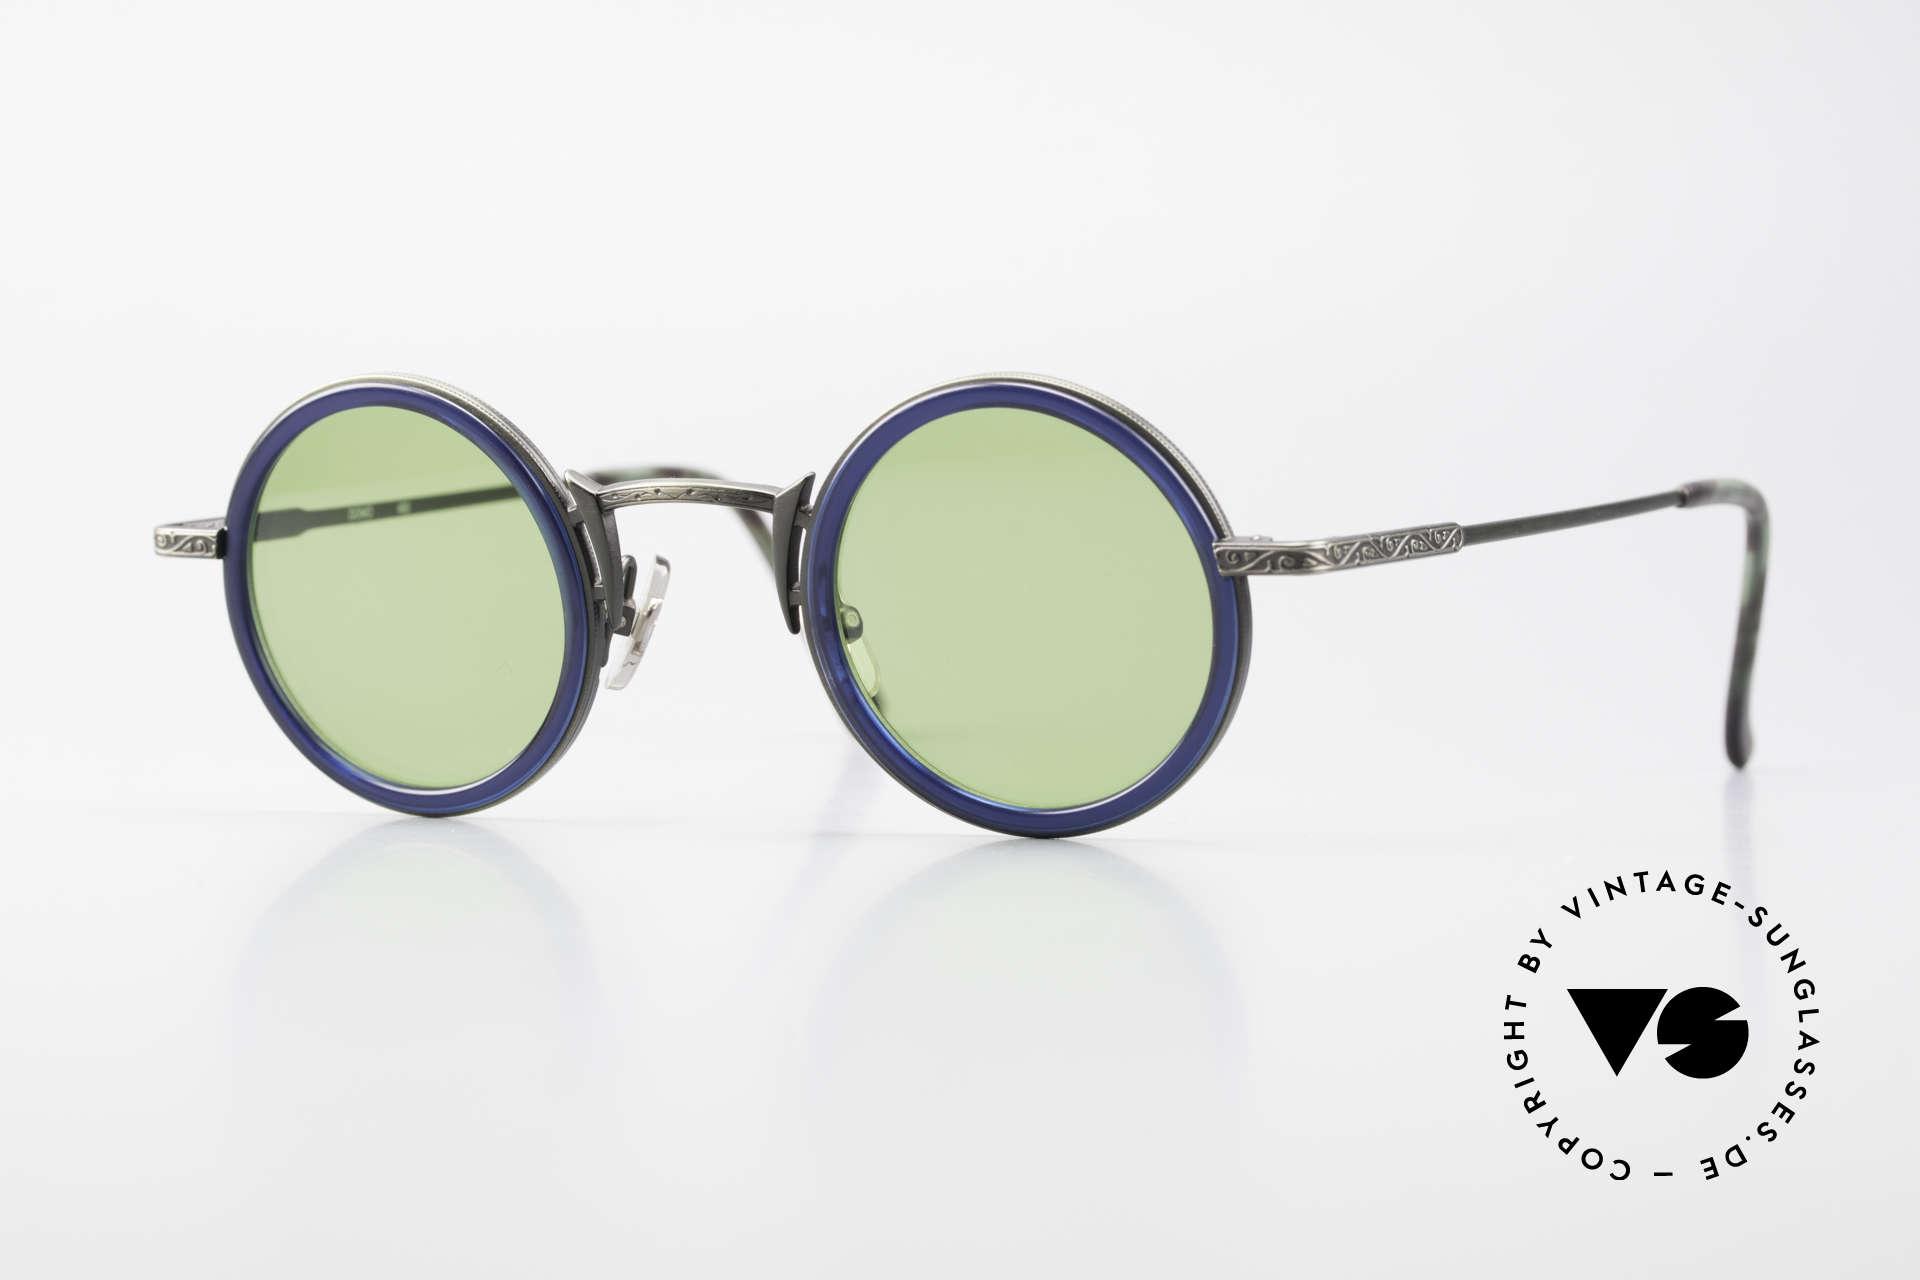 Freudenhaus Domo Runde Designer Sonnenbrille, vintage Sonnenbrille von FREUDENHAUS, München, Passend für Herren